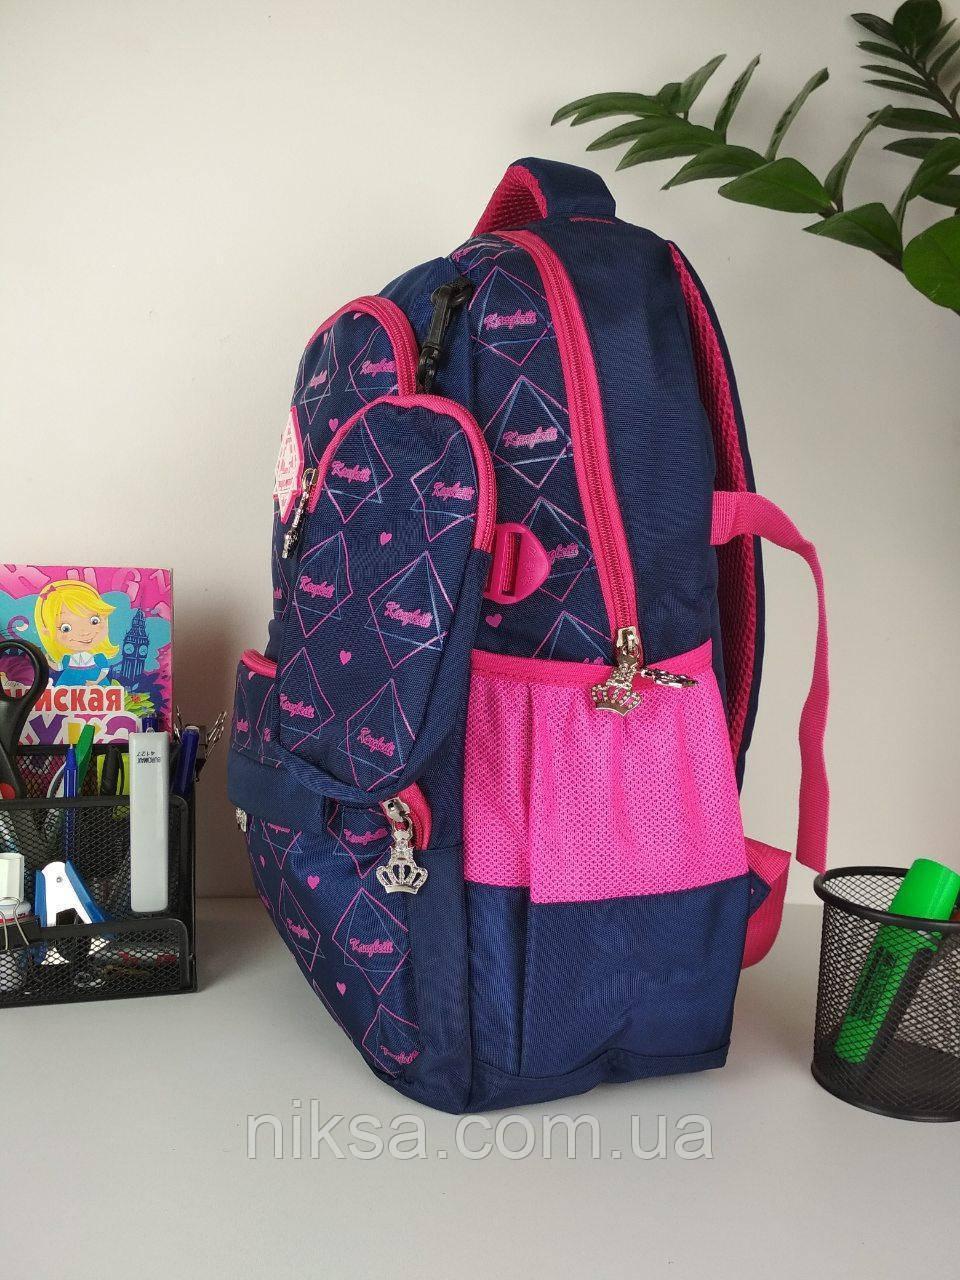 Рюкзак школьный для девочек размер 45х35х15